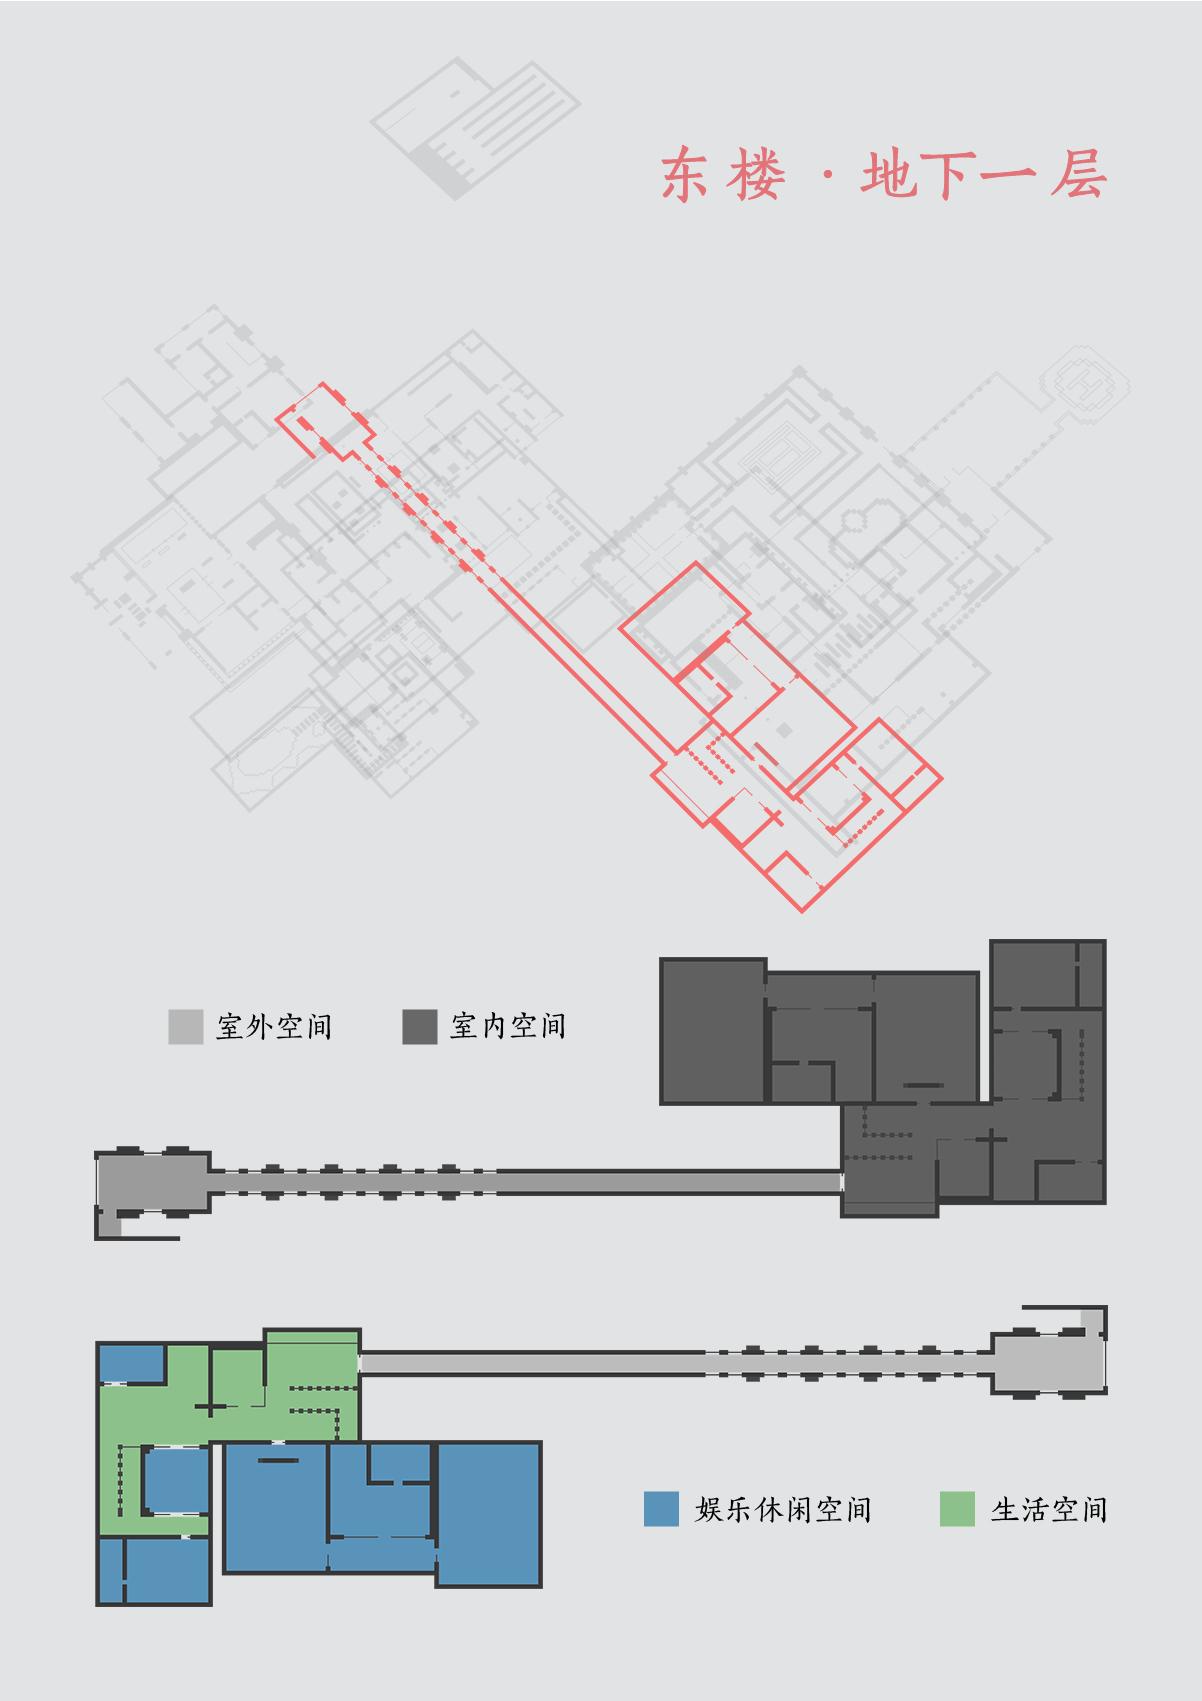 【我的别墅现代建筑群】湖州v别墅别墅--源梦岛价格海岛新区世界东部图片